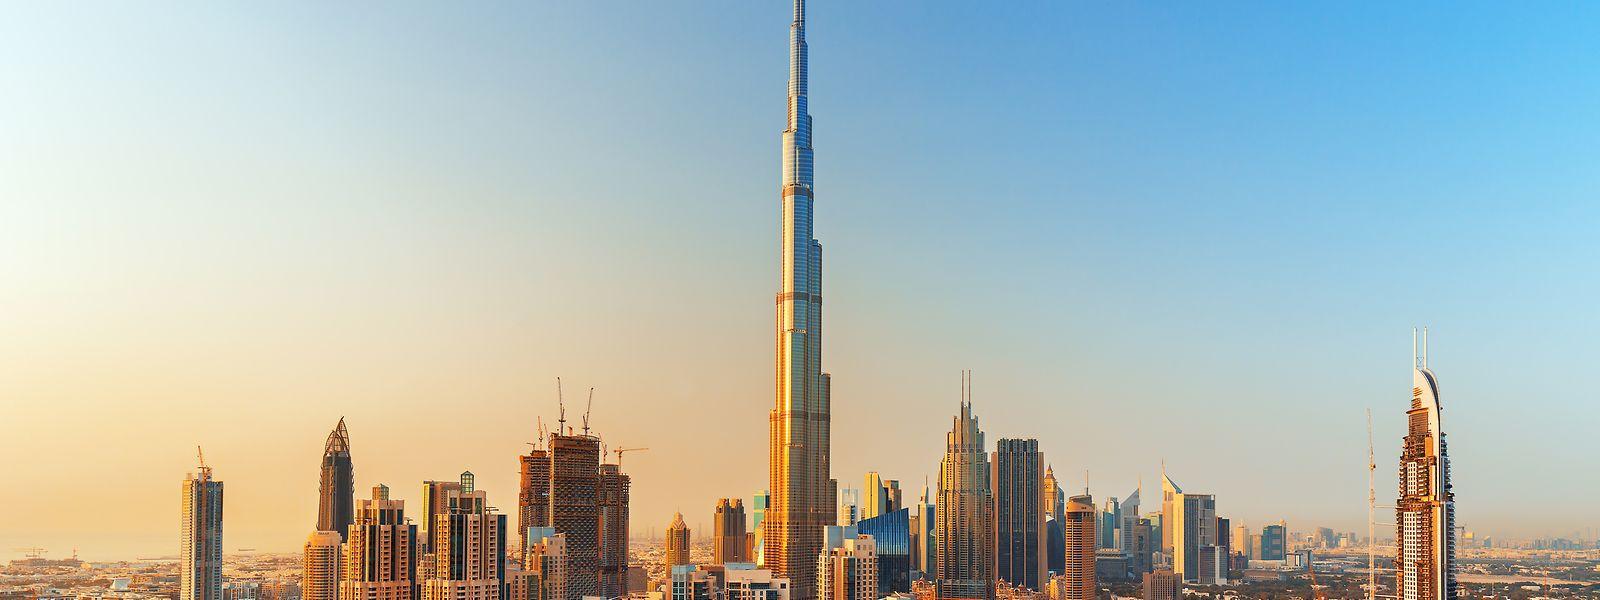 828 Meter hoch: ArcelorMittal hat zum Bau des weltweit für seine Größe bekannten Wolkenkratzers Burj Khalifa in Dubai mit 3000 Tonnen Stahl beigetragen.